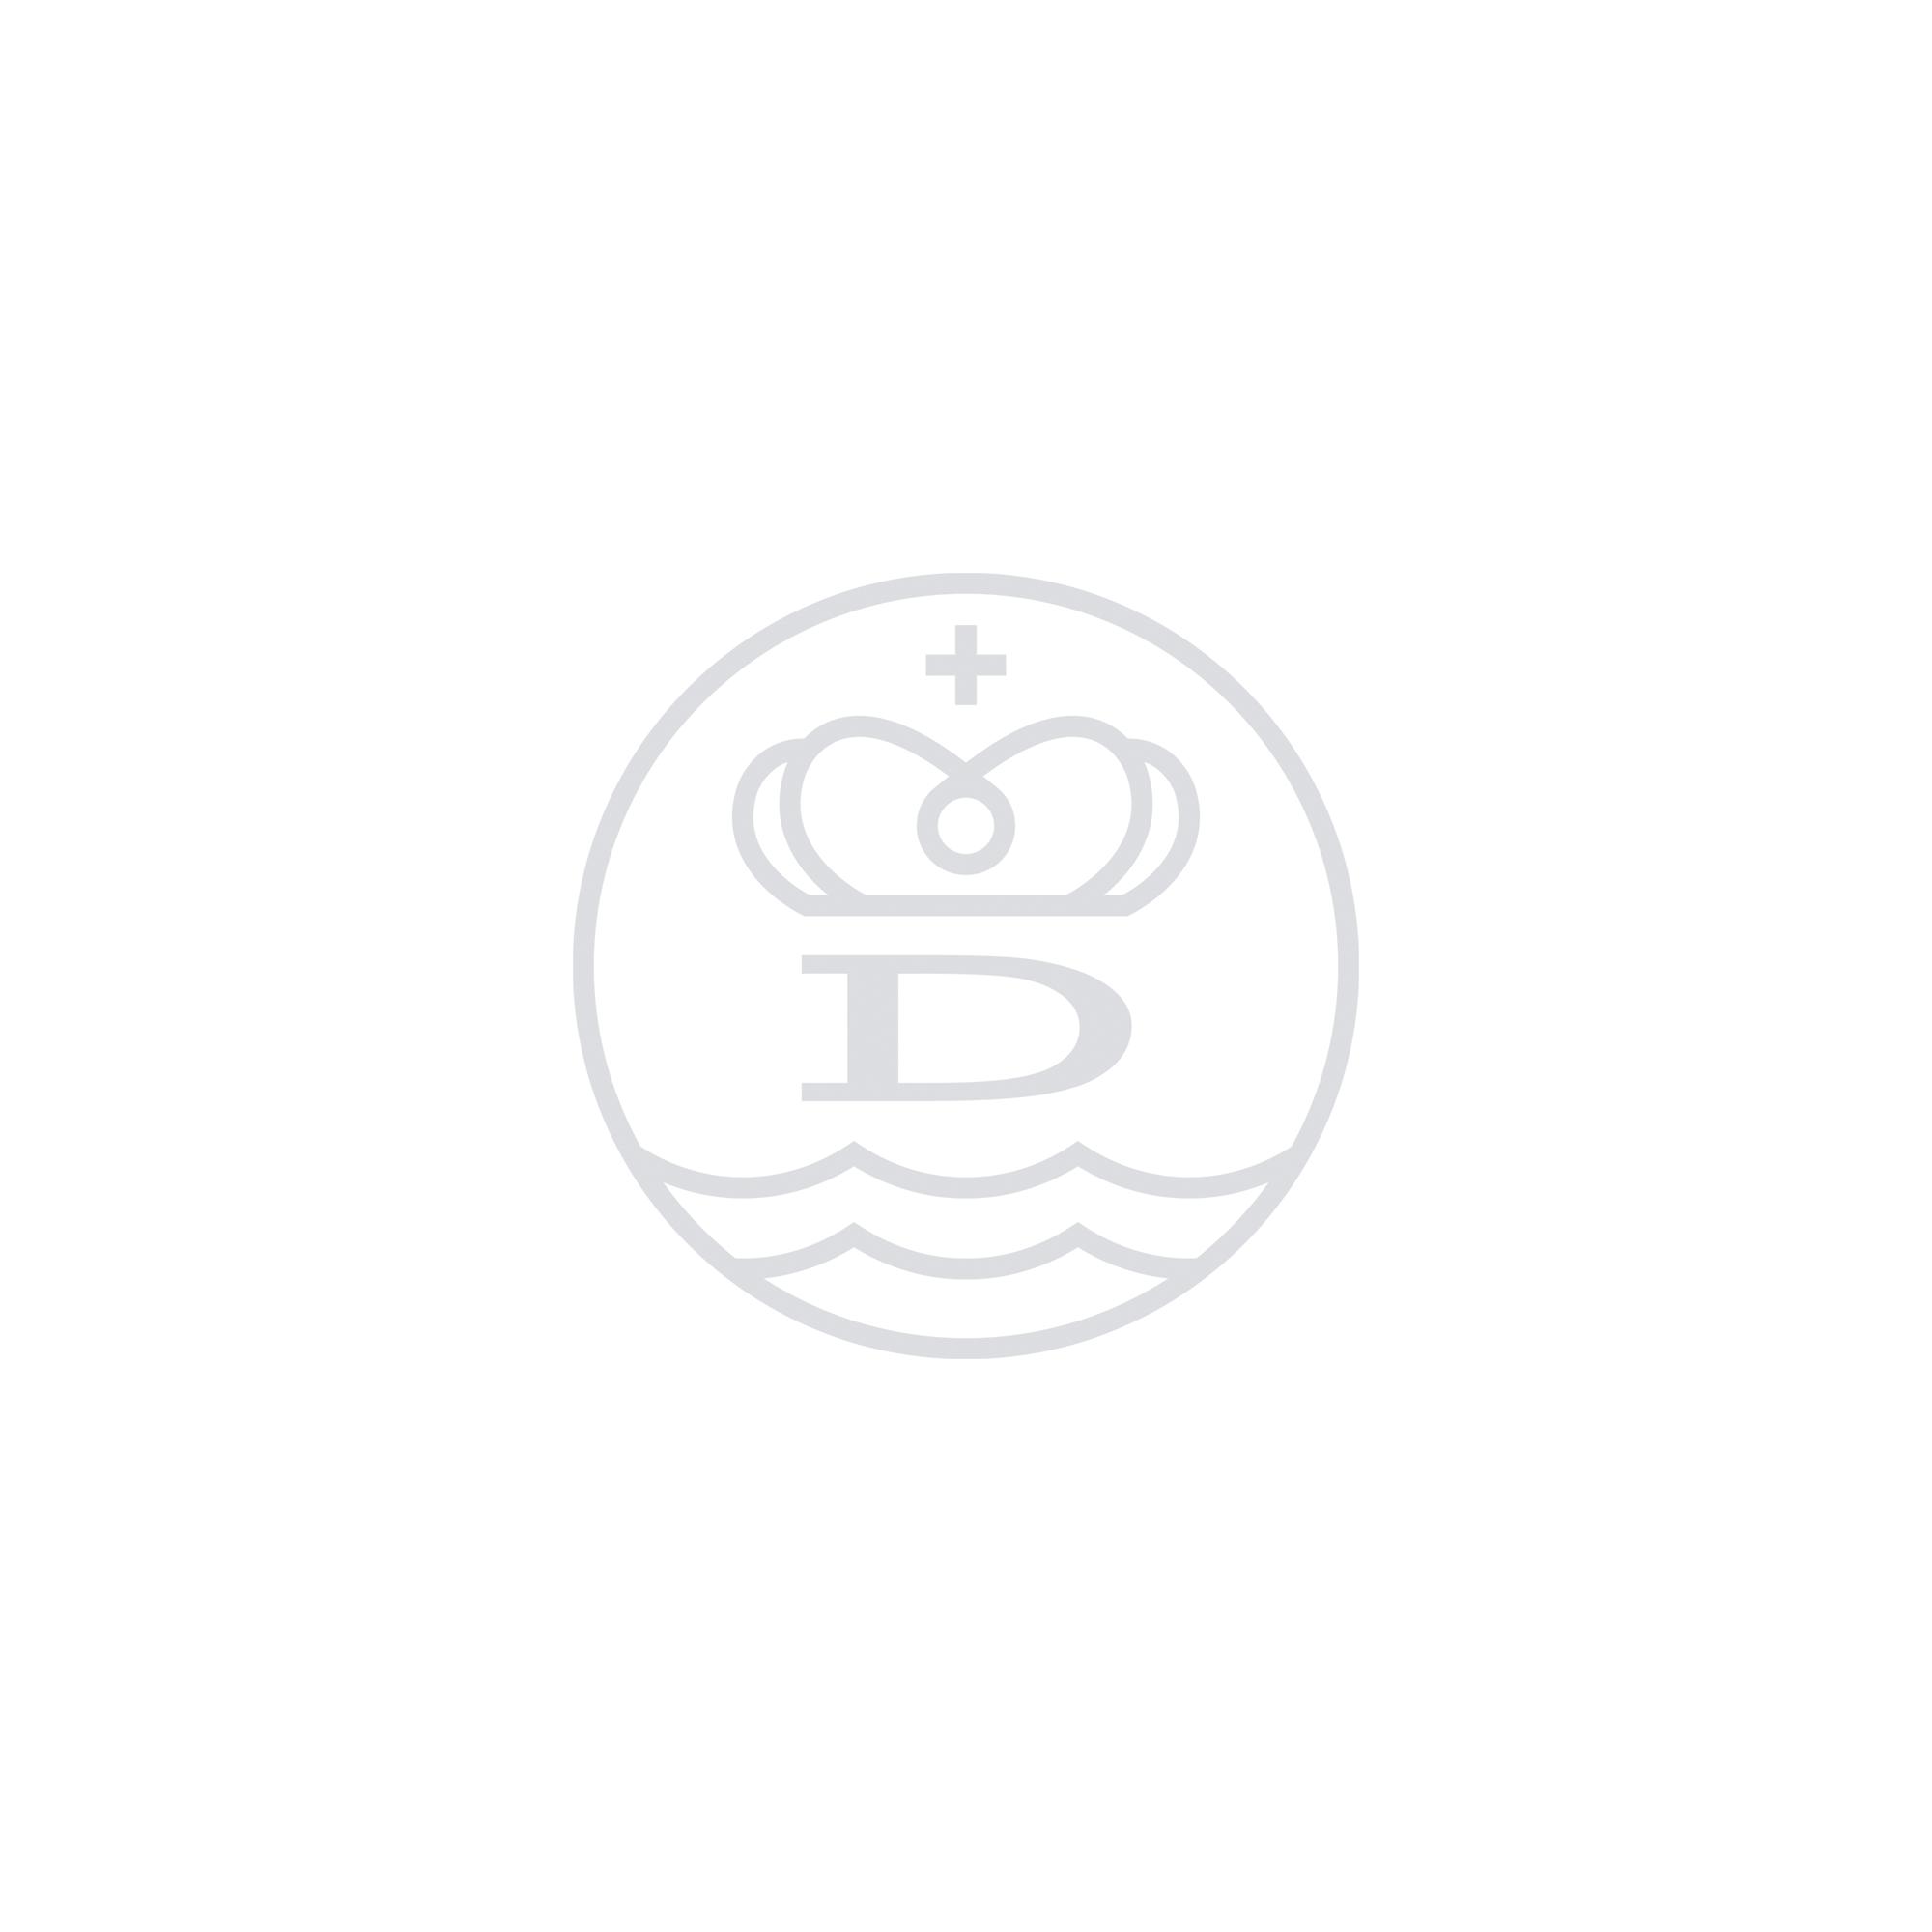 Gold Luxury Signature Bangle detailed